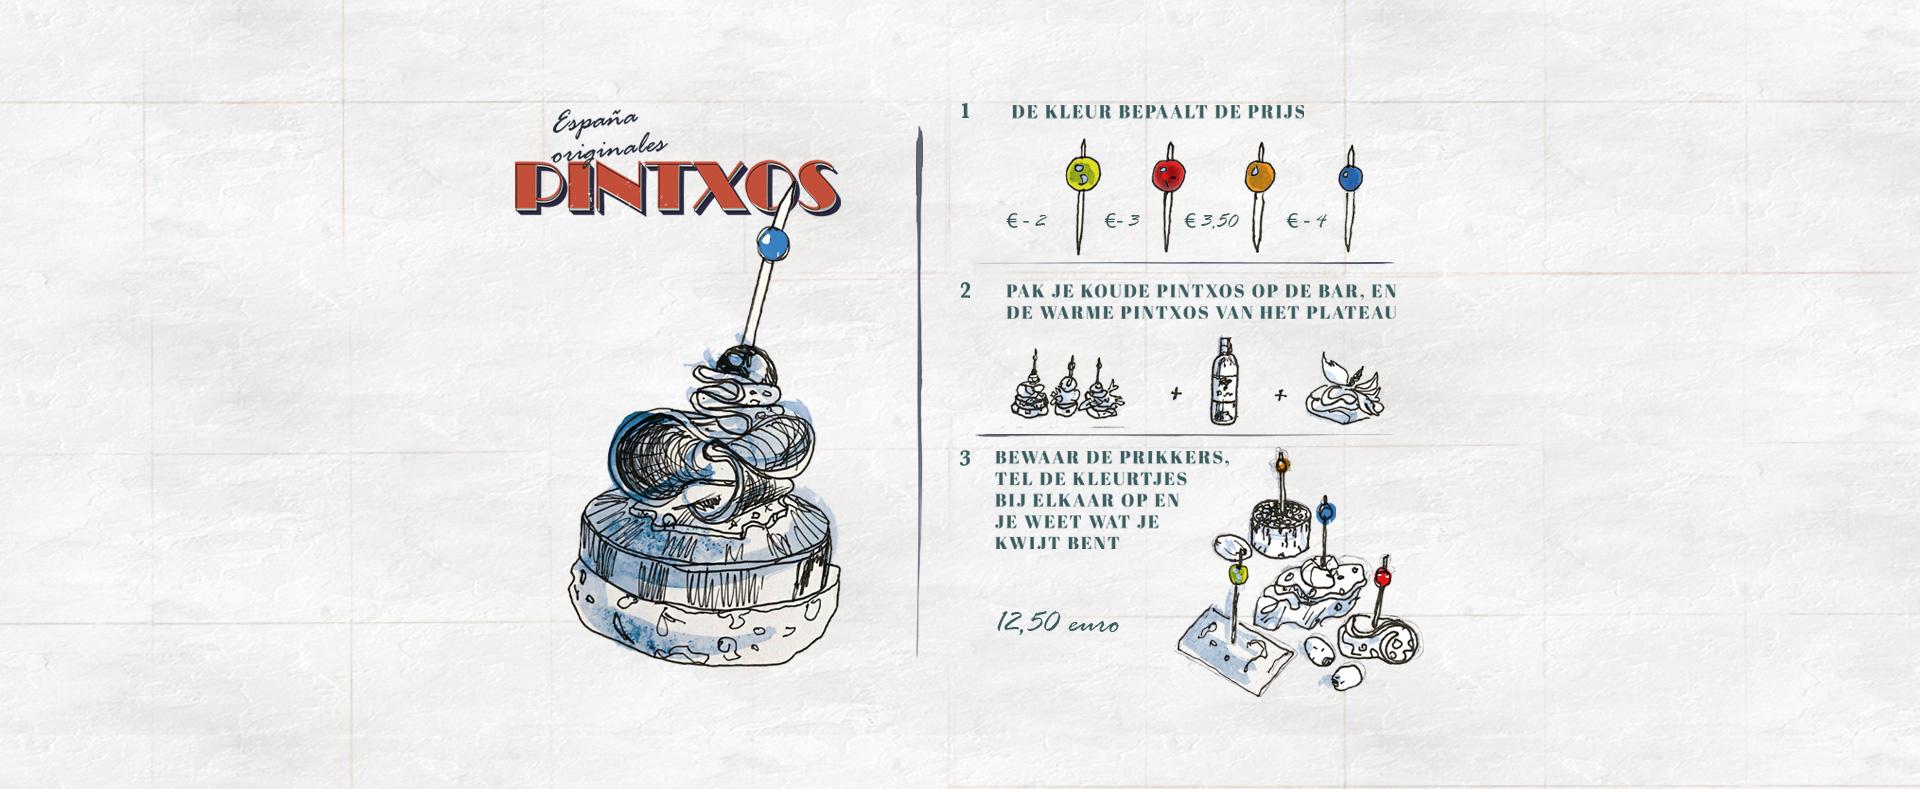 Pinxtos eten in Breda - El Patio